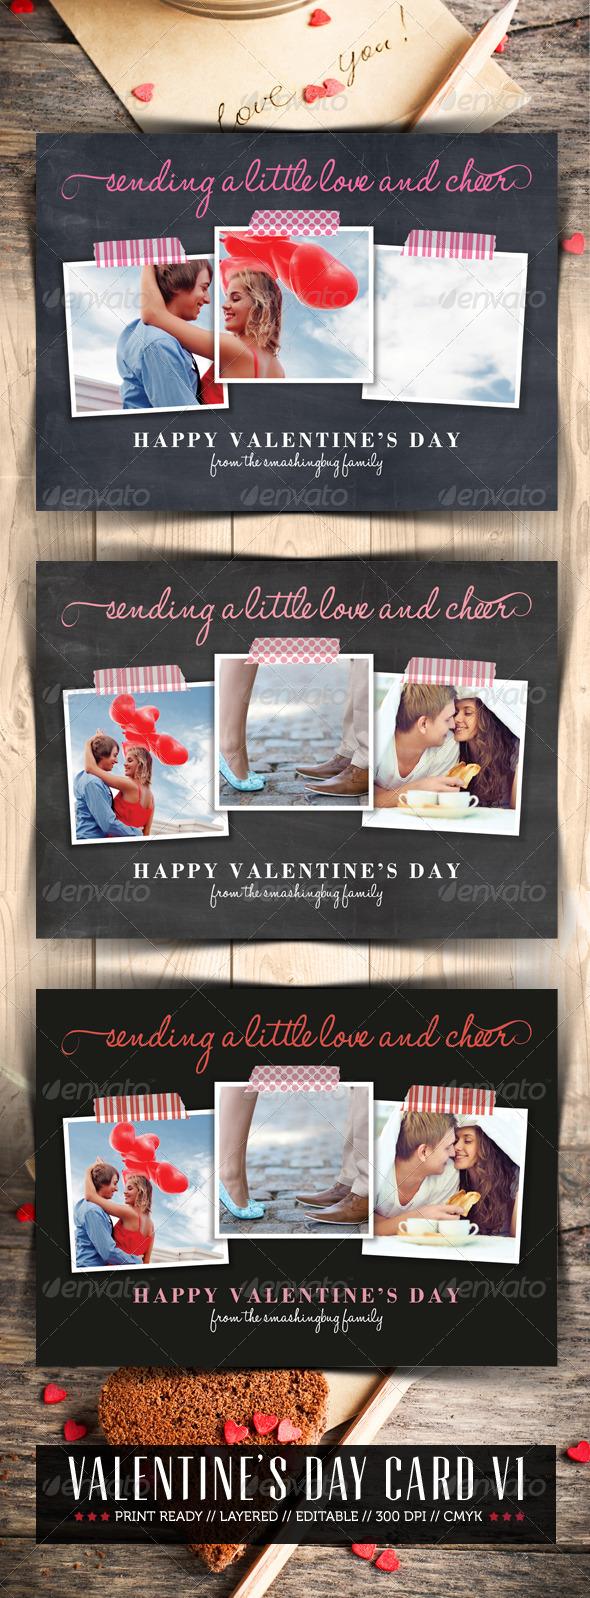 Valentine Day V1 - Greeting Cards Cards & Invites